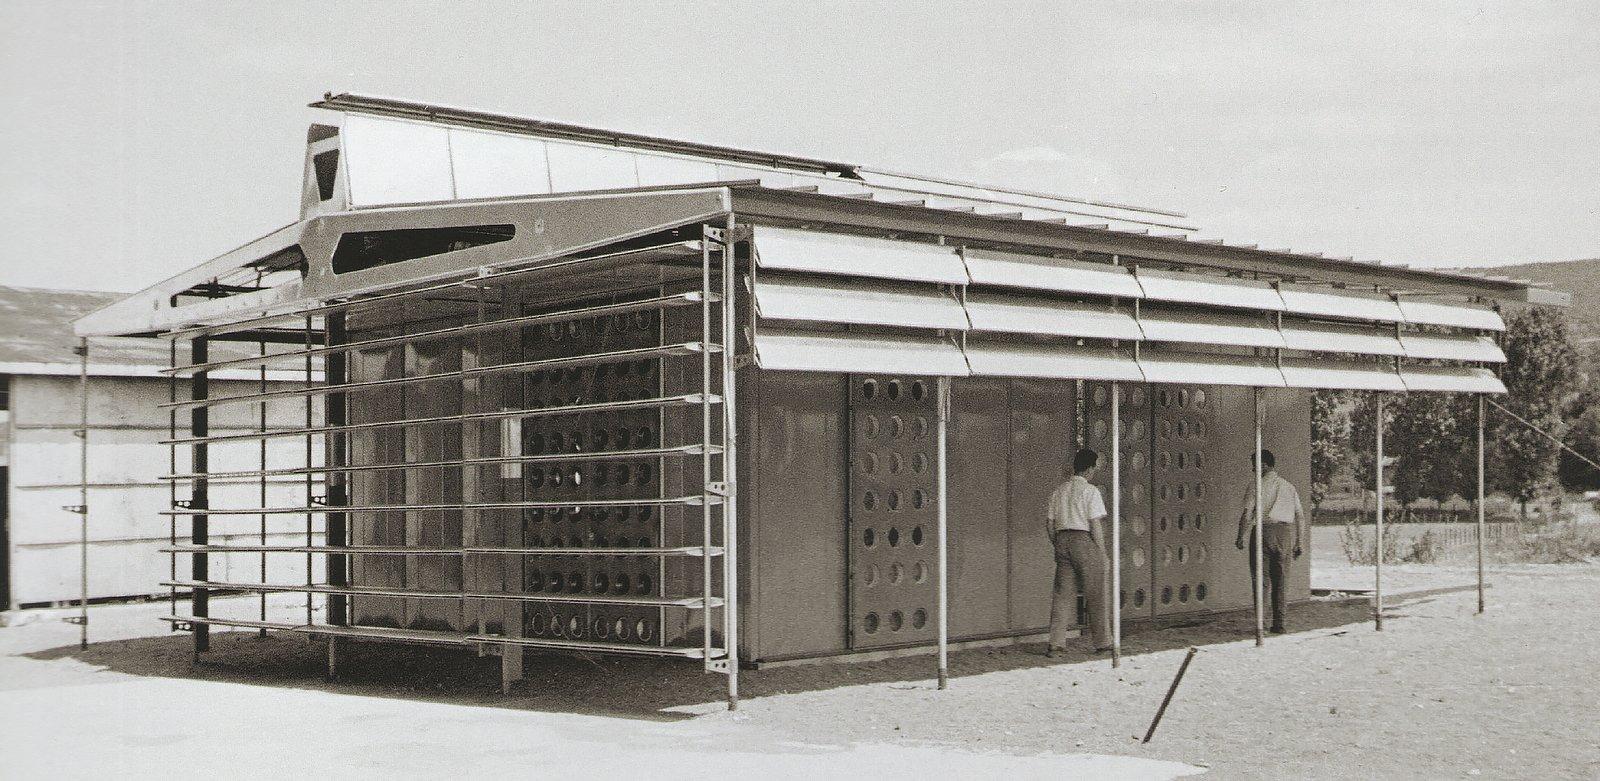 Jean Prouve, Maison Tropicale